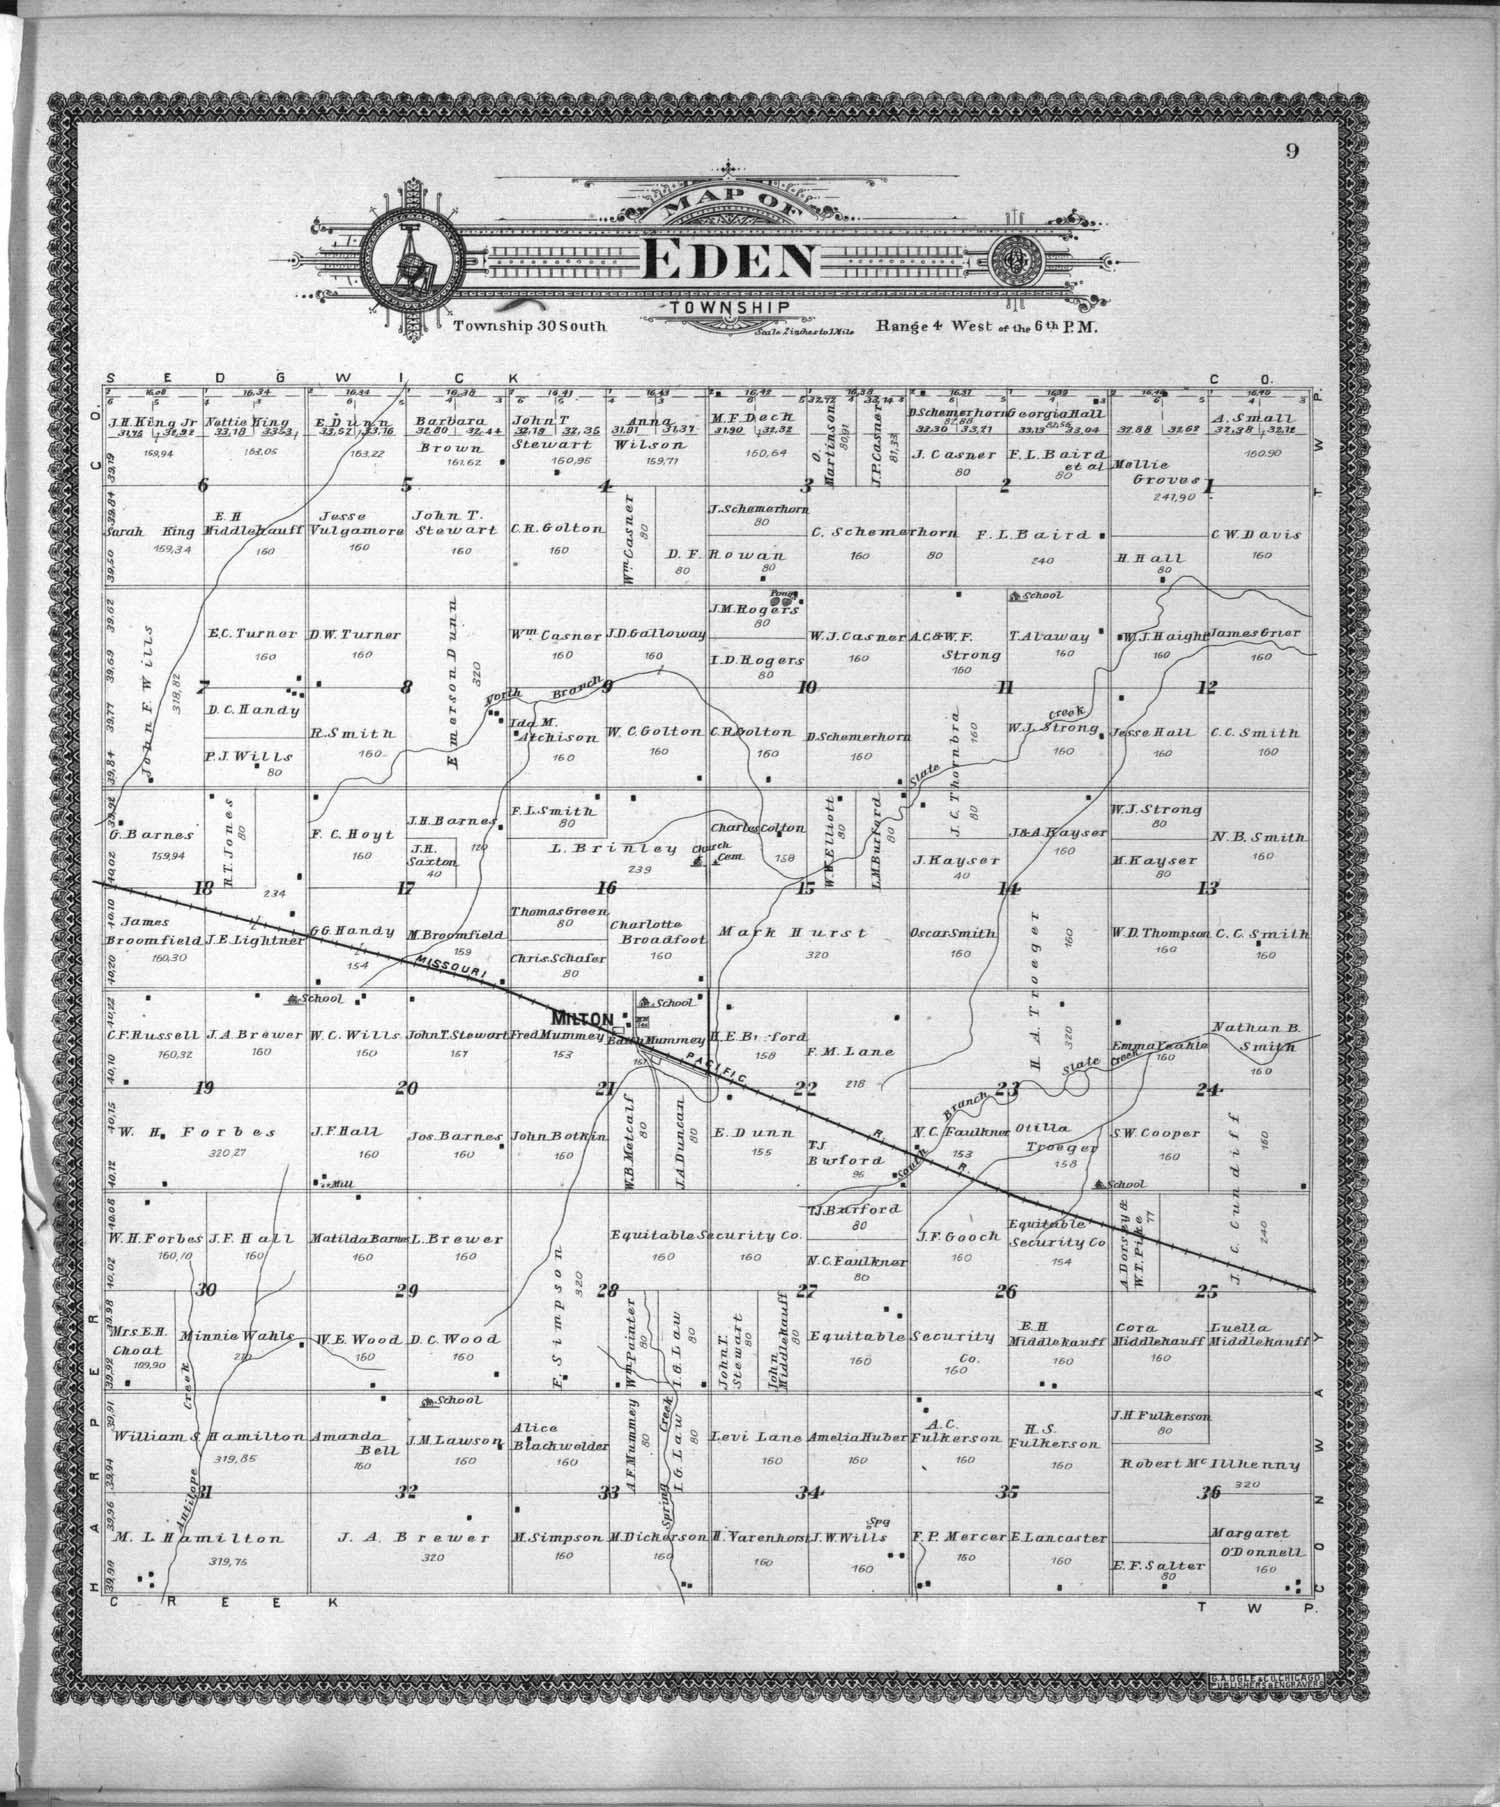 Standard atlas of Sumner County, Kansas - 9